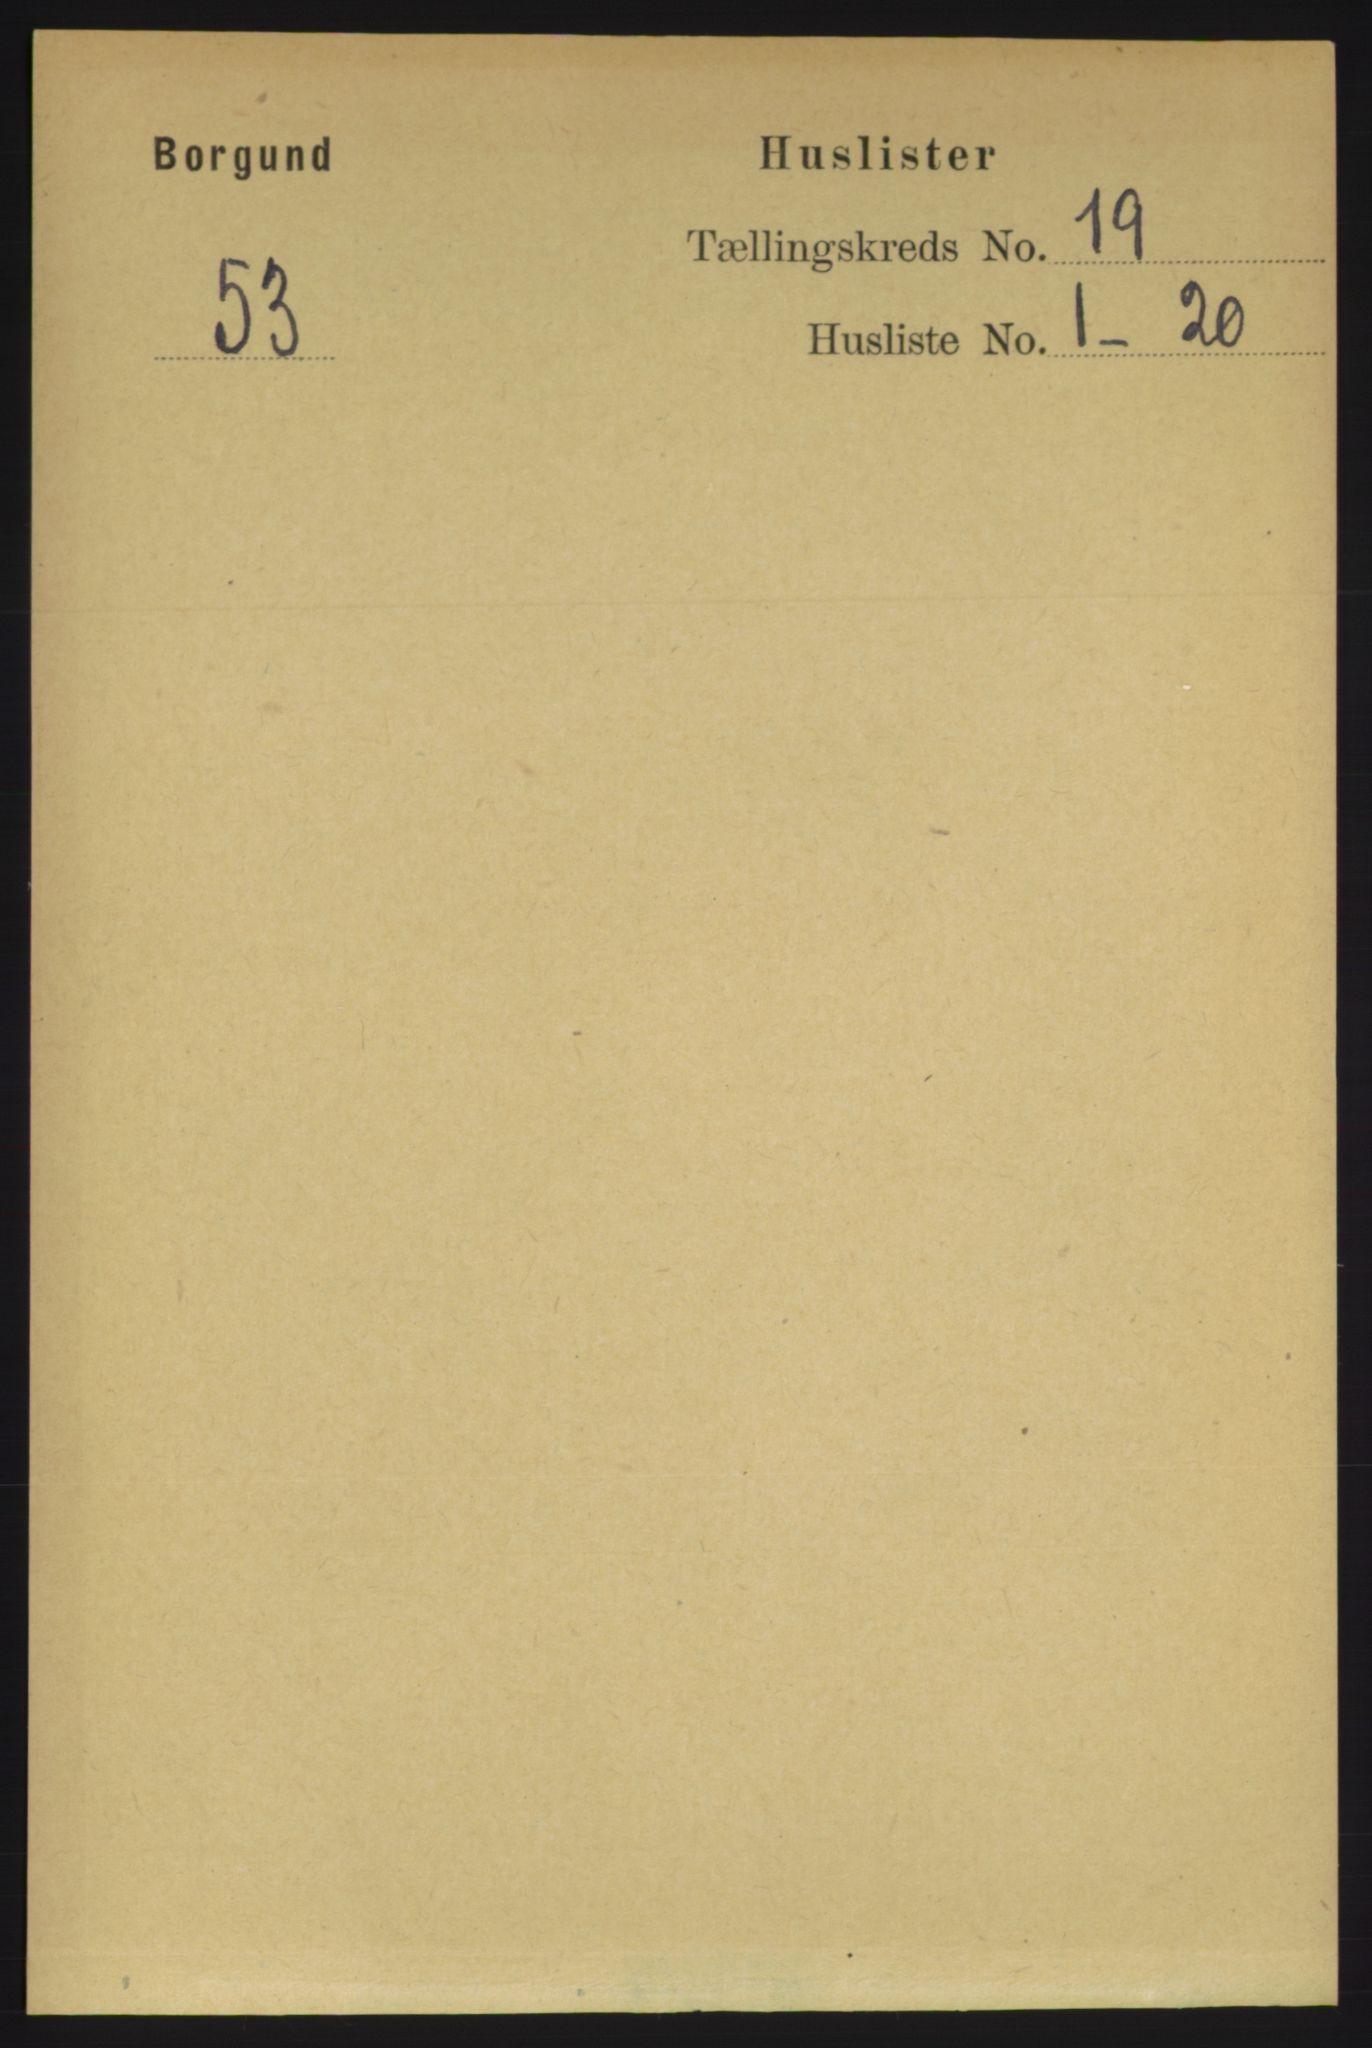 RA, Folketelling 1891 for 1531 Borgund herred, 1891, s. 5942